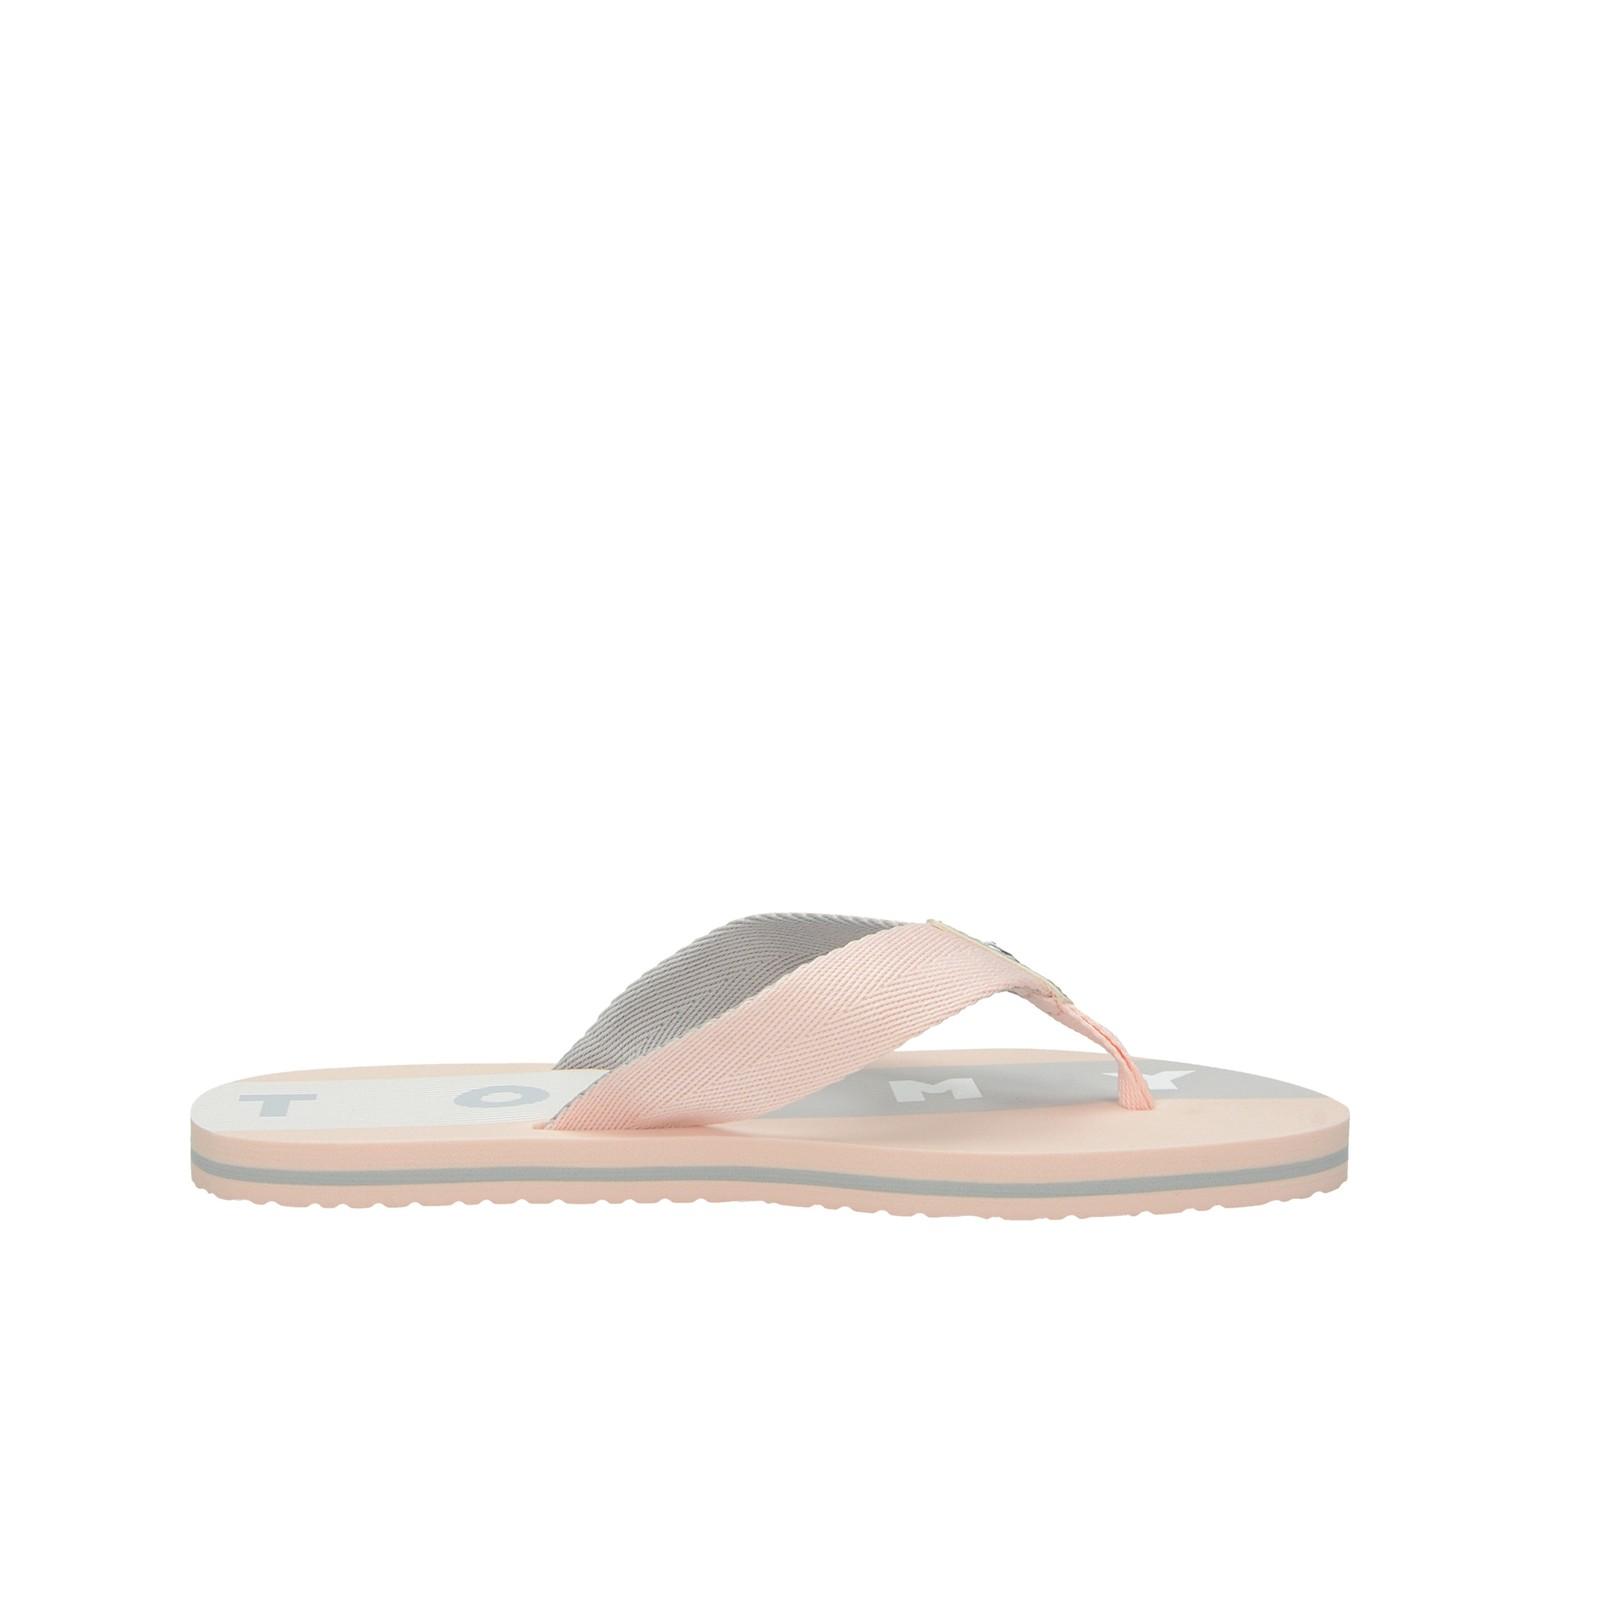 Tommy Hilfiger dámské stylové plážovky - růžové